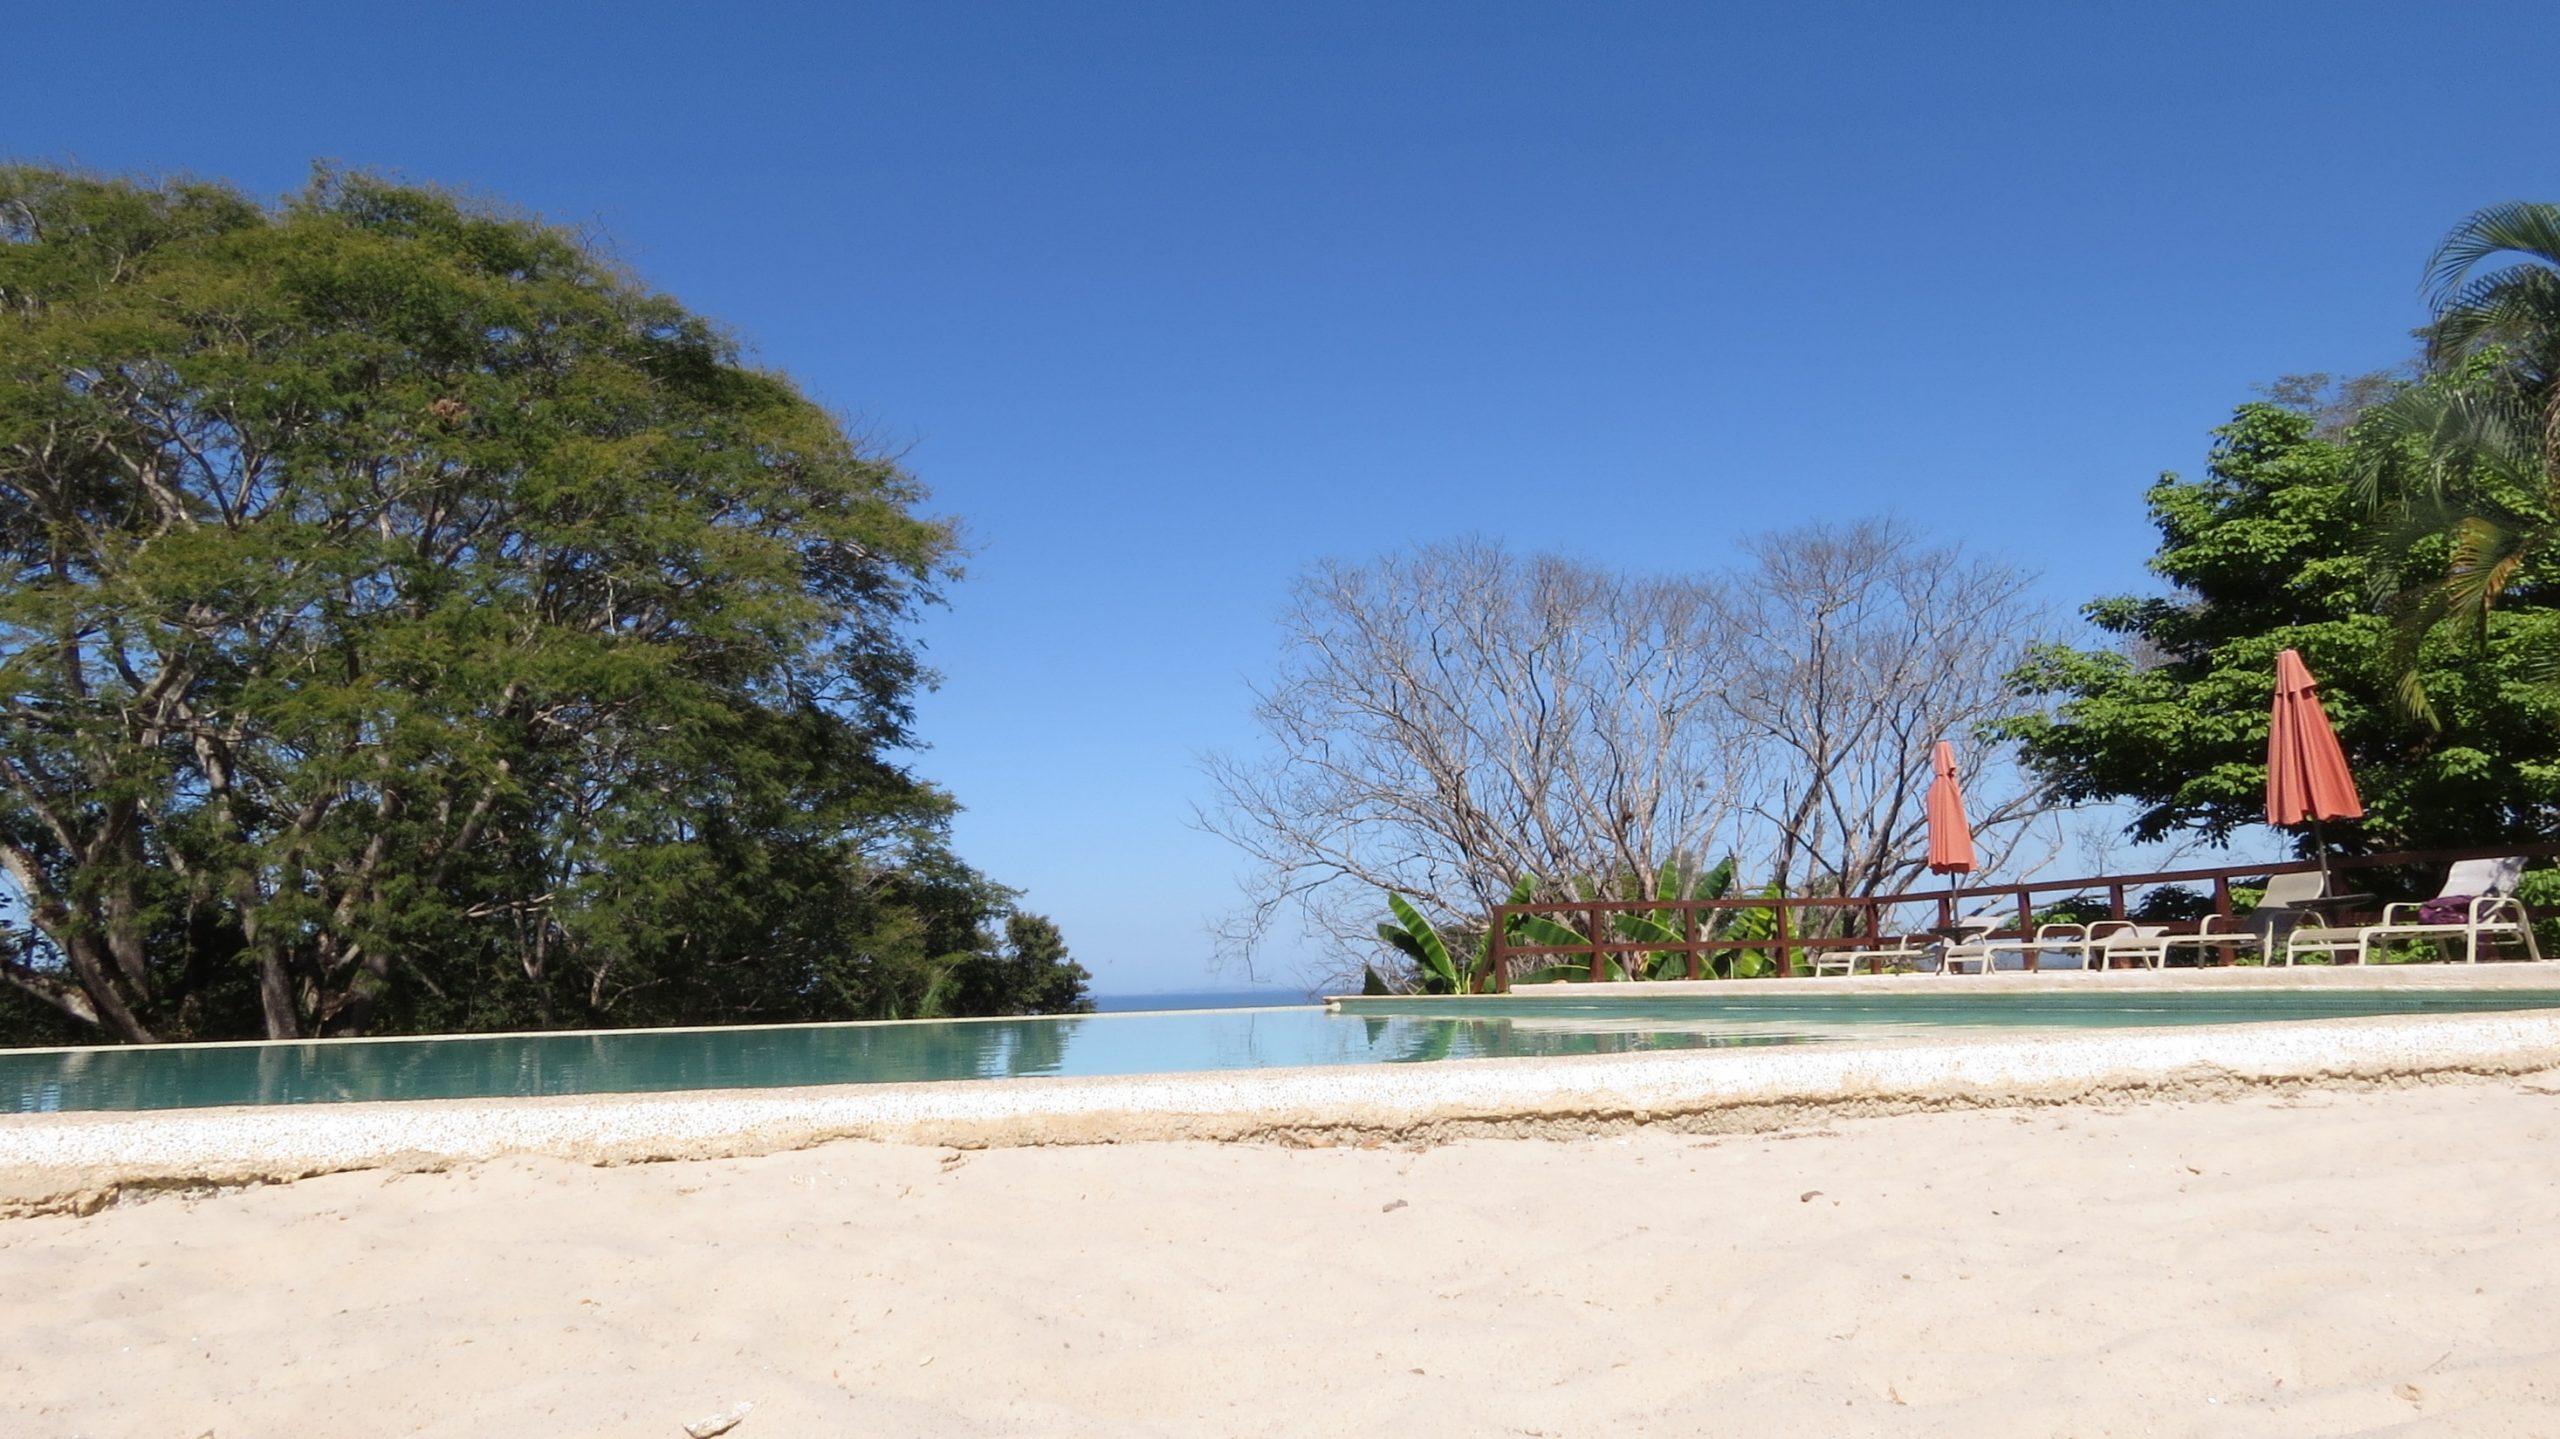 Apartamento en venta en Nativa Resort, Pacífico Central, Costa Rica